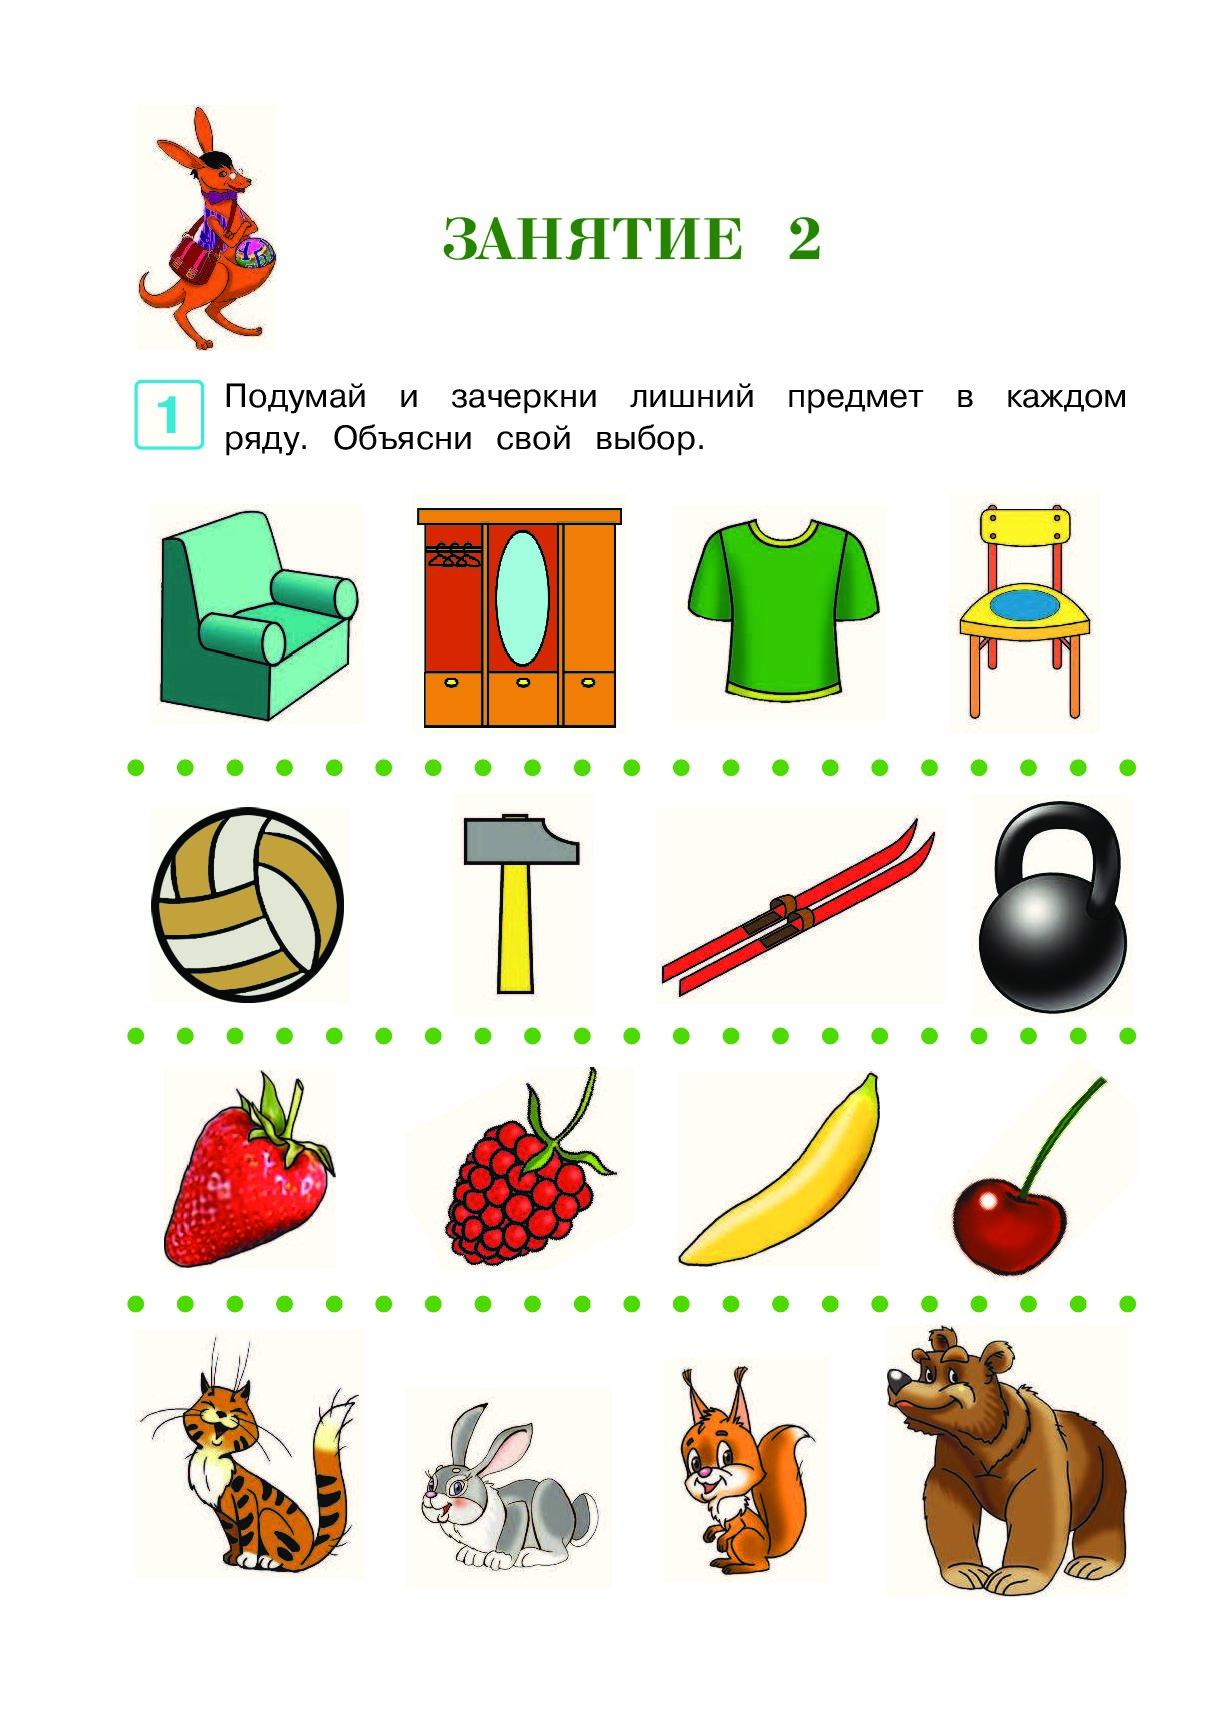 Красивых открыток, картинки ребенку 5 лет для развития